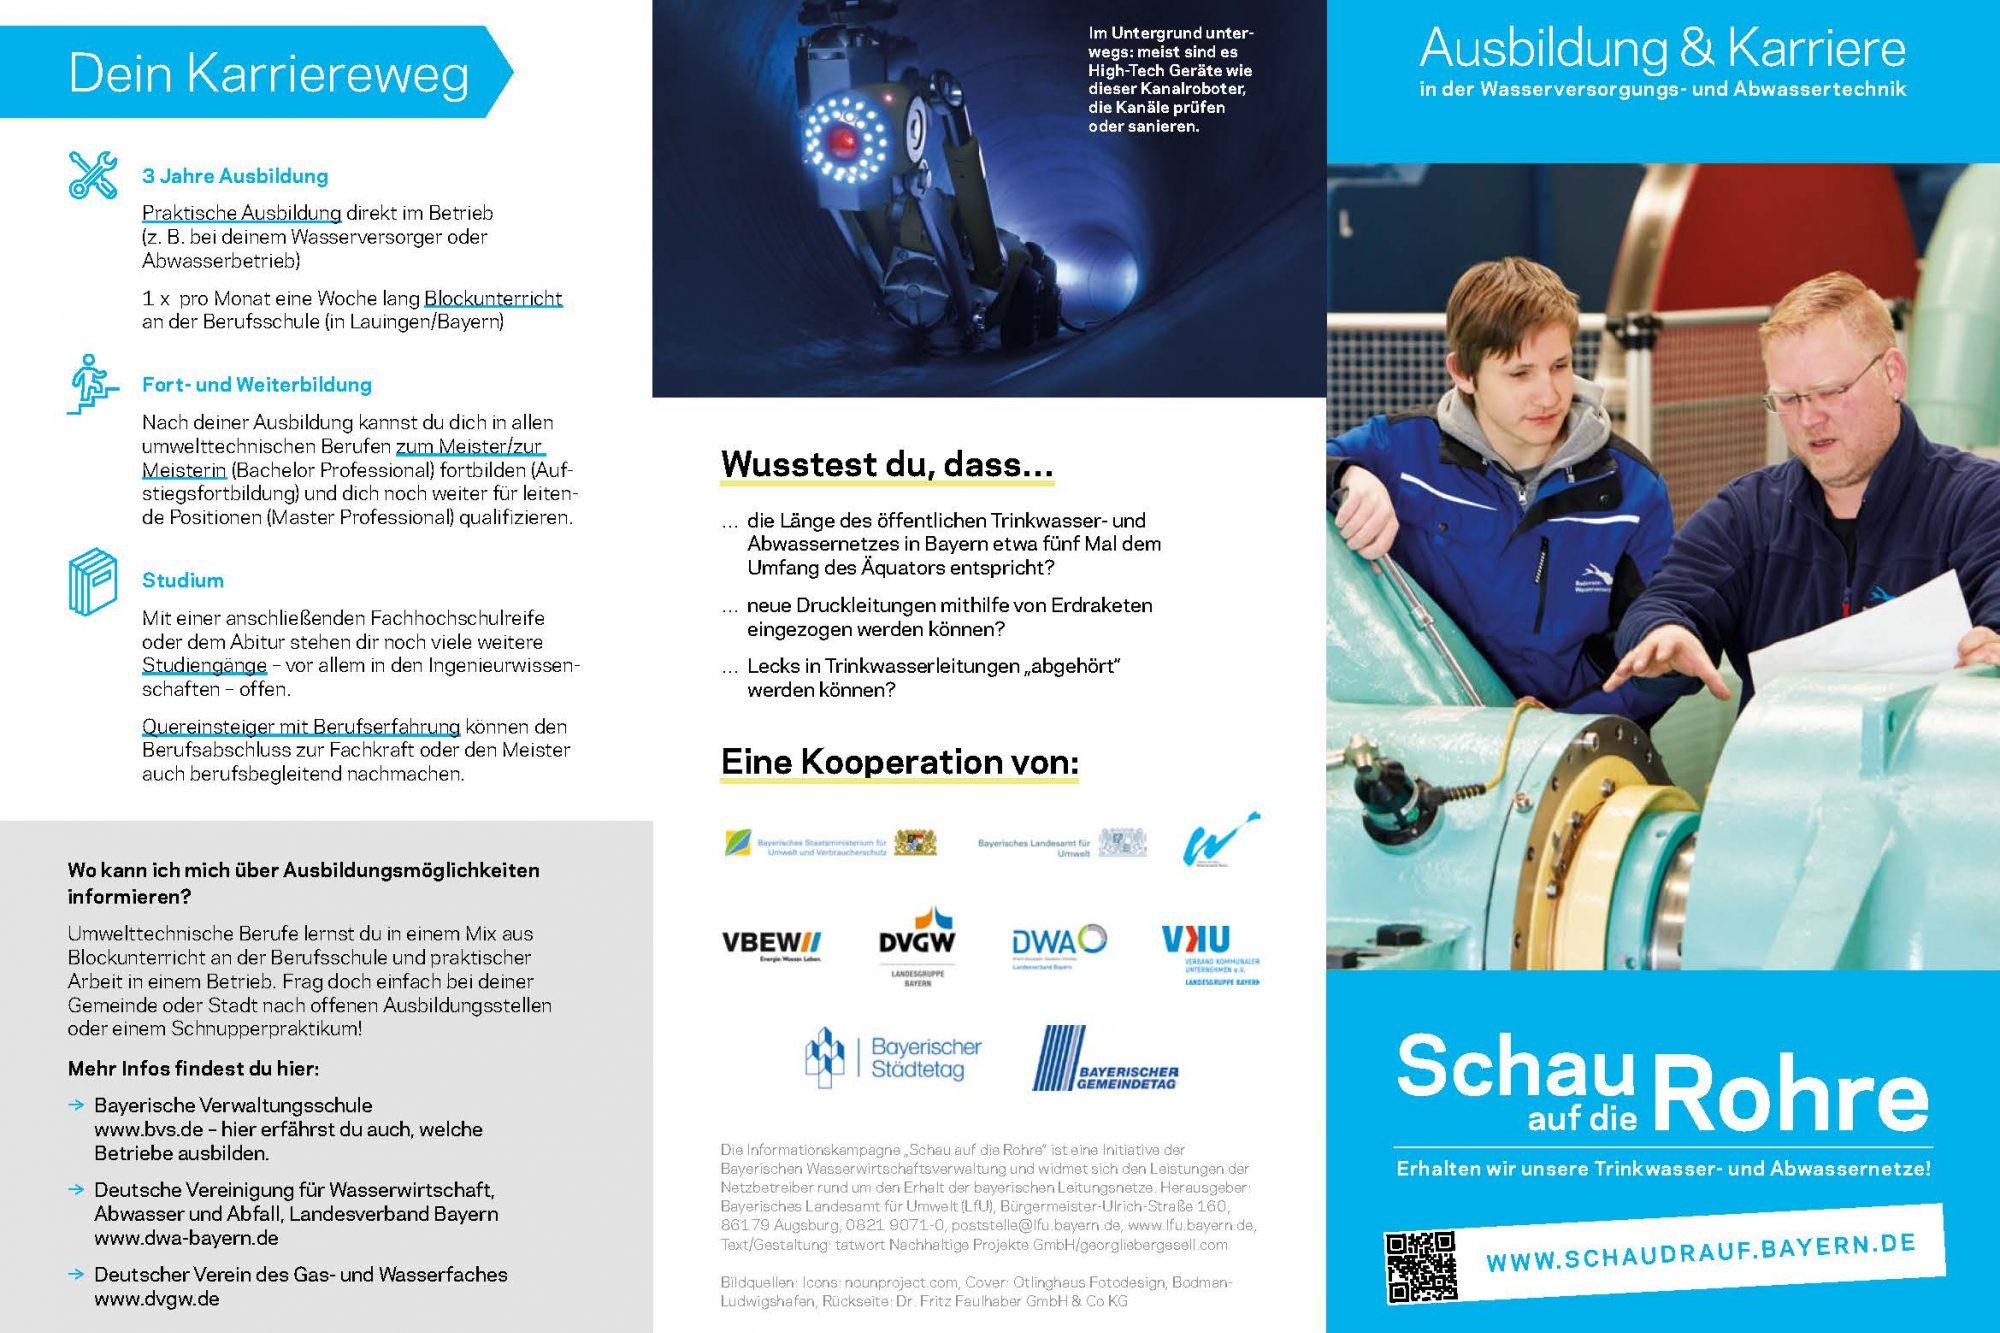 Das Bild zeigt eine Gesamtübersicht des aufgeklappten Folders mit der Coverseite.